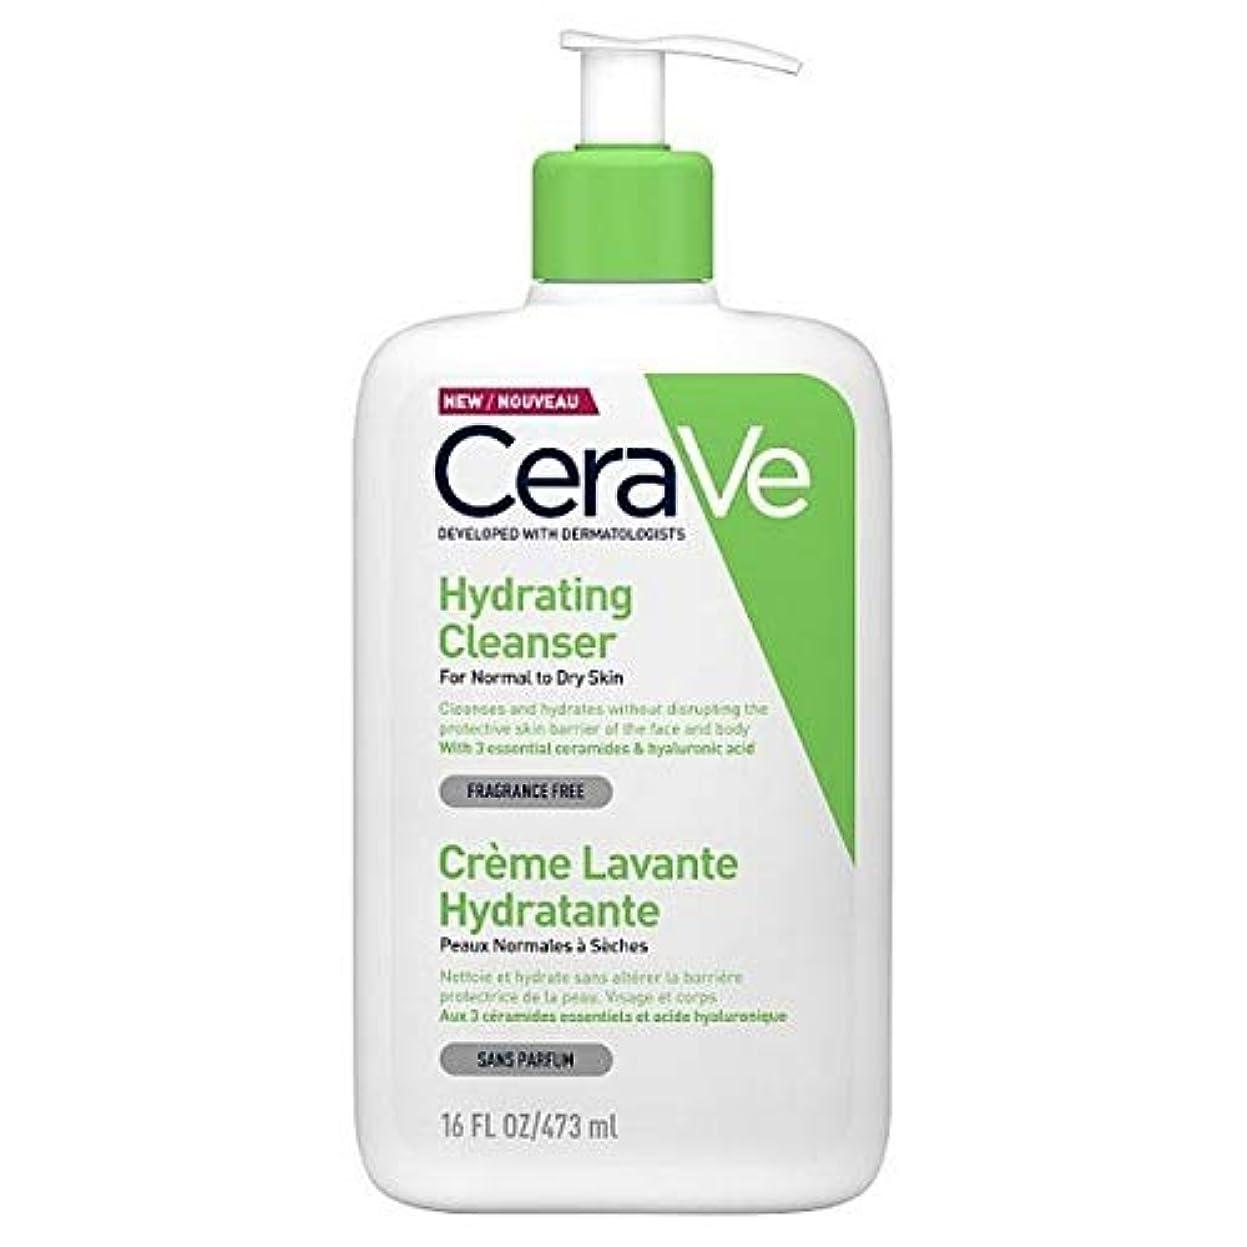 断言する会員干渉する[CeraVe] Cerave水和クレンザー473ミリリットル - CeraVe Hydrating Cleanser 473ml [並行輸入品]